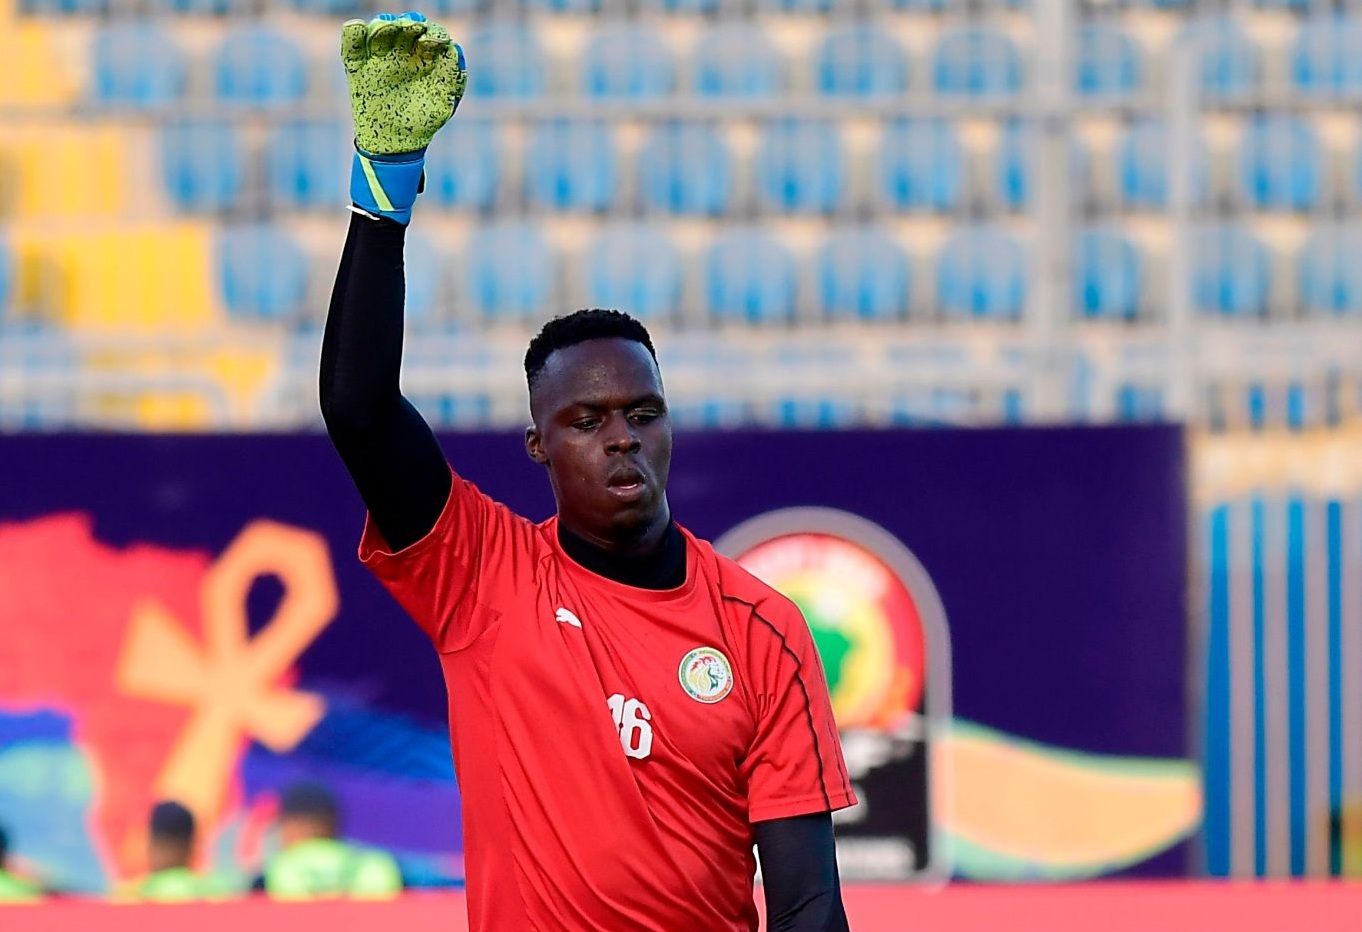 Le gardien Edouard Mendy blessé, mais dans le groupe du Sénégal pour la finale de la Coupe d'Afrique.